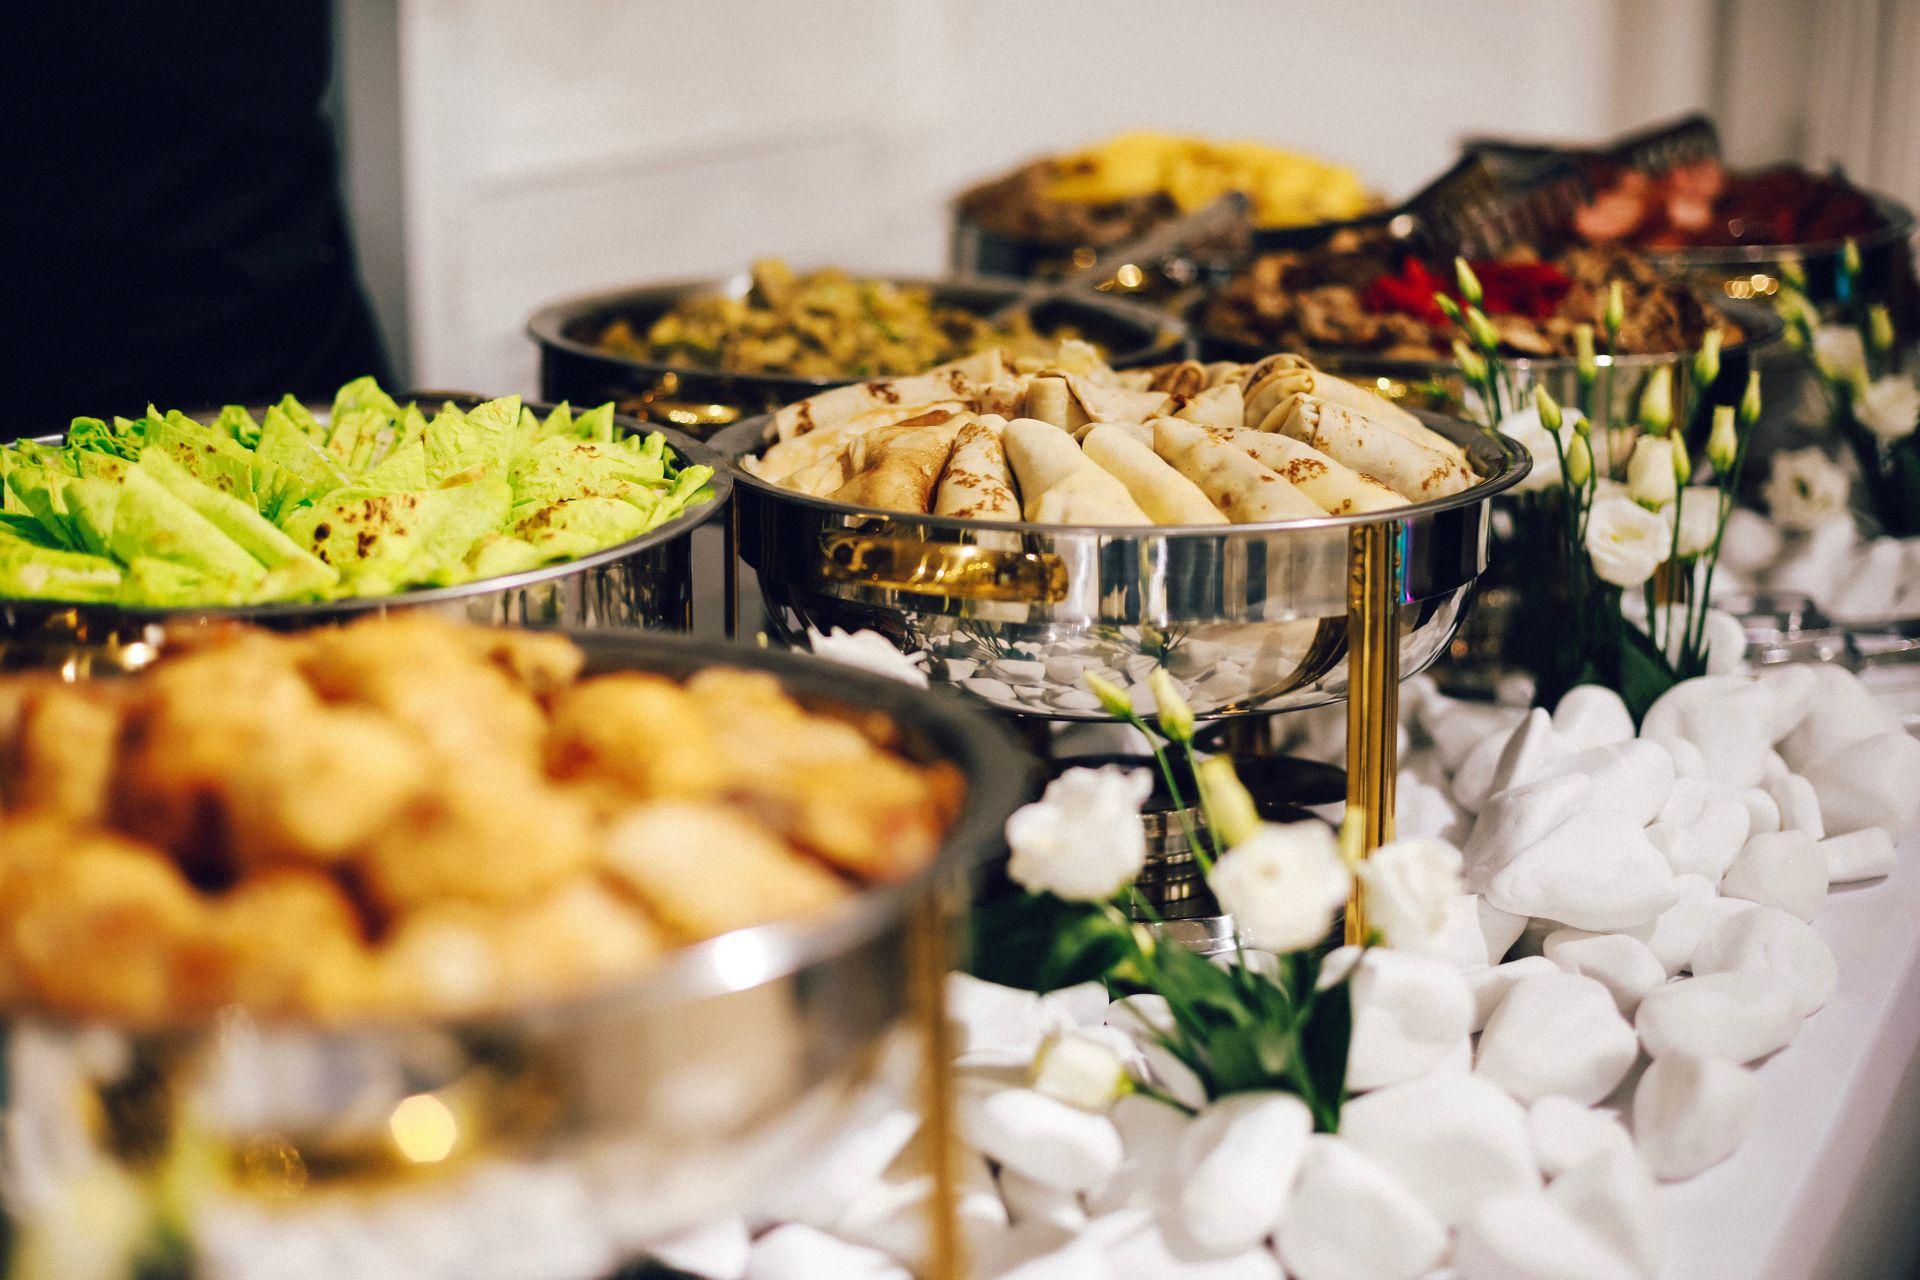 Snyggt upplagd buffébord och 6 skålar med olika innehåll. Allt från vårrullar och pastablandningar till sallader och friterat kött